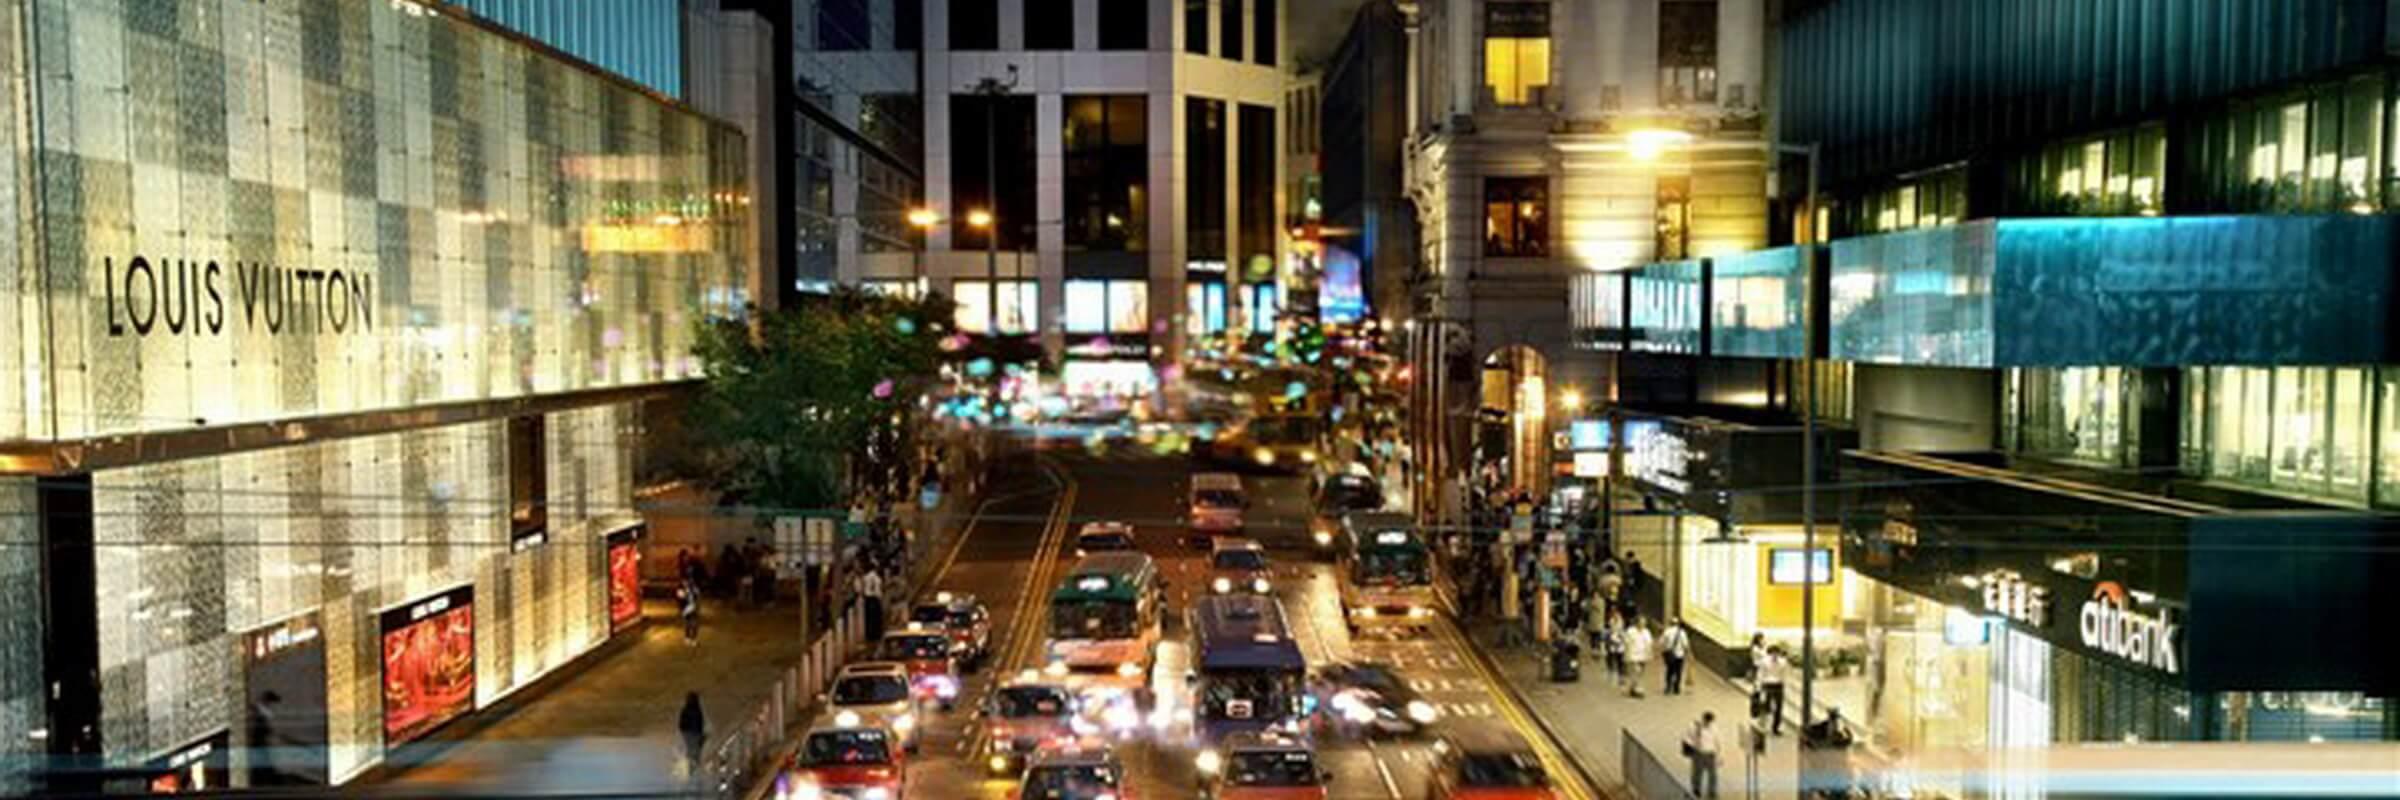 Einkaufsstraße mit Geschäften und Straßenverkehr im Zentrum von Hongkong.